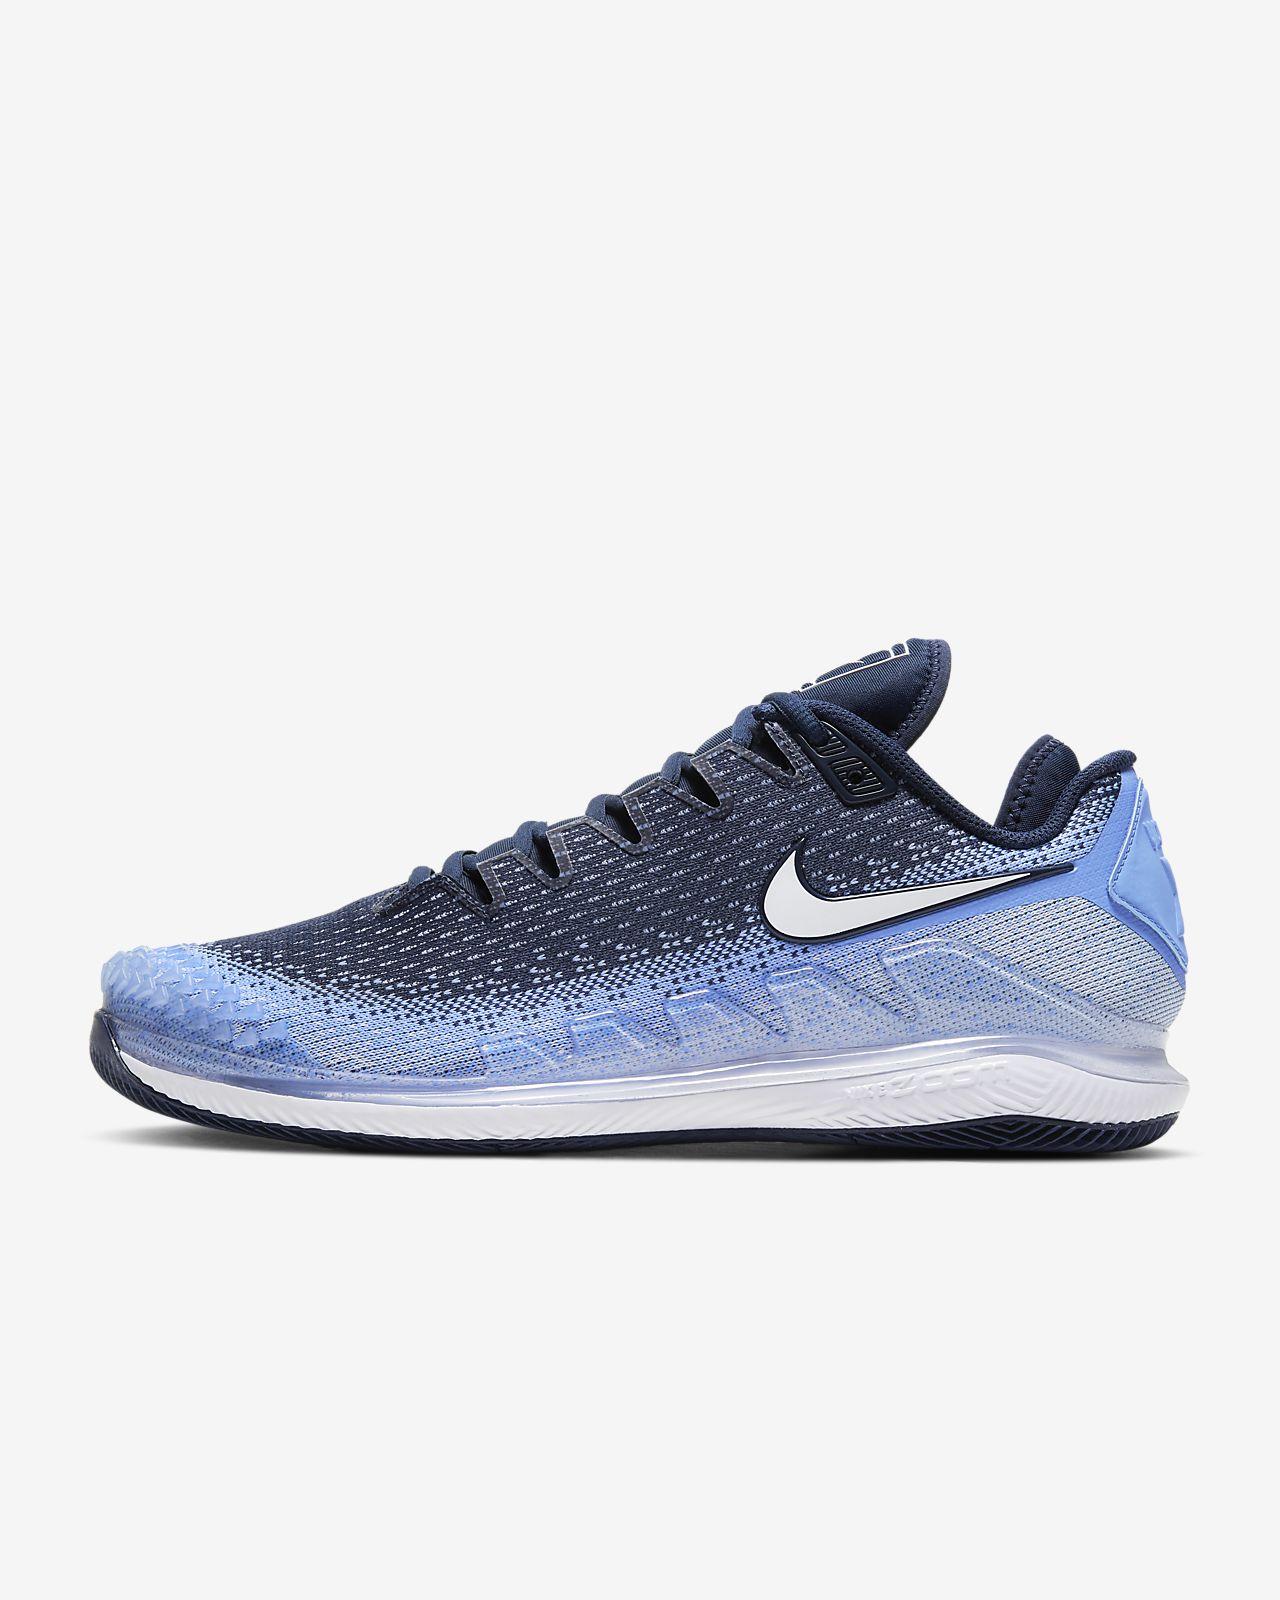 Sapatilhas de ténis para piso duro NikeCourt Air Zoom Vapor X Knit para homem